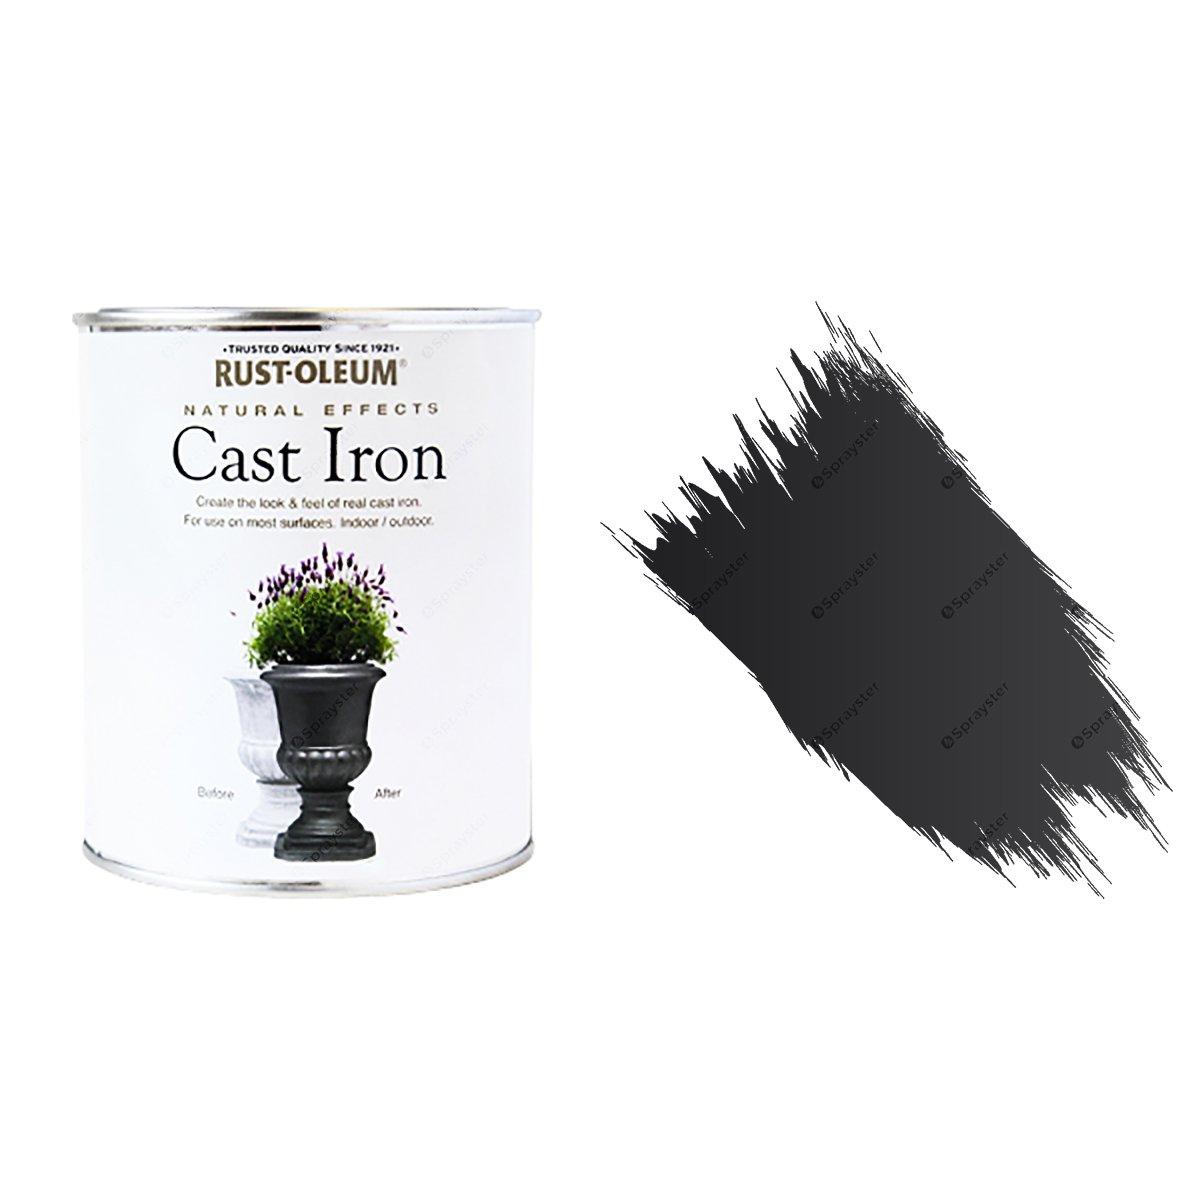 Rust-Oleum Cast Iron Matt All-Surface Self Primer Paint Natural Effects  250ml